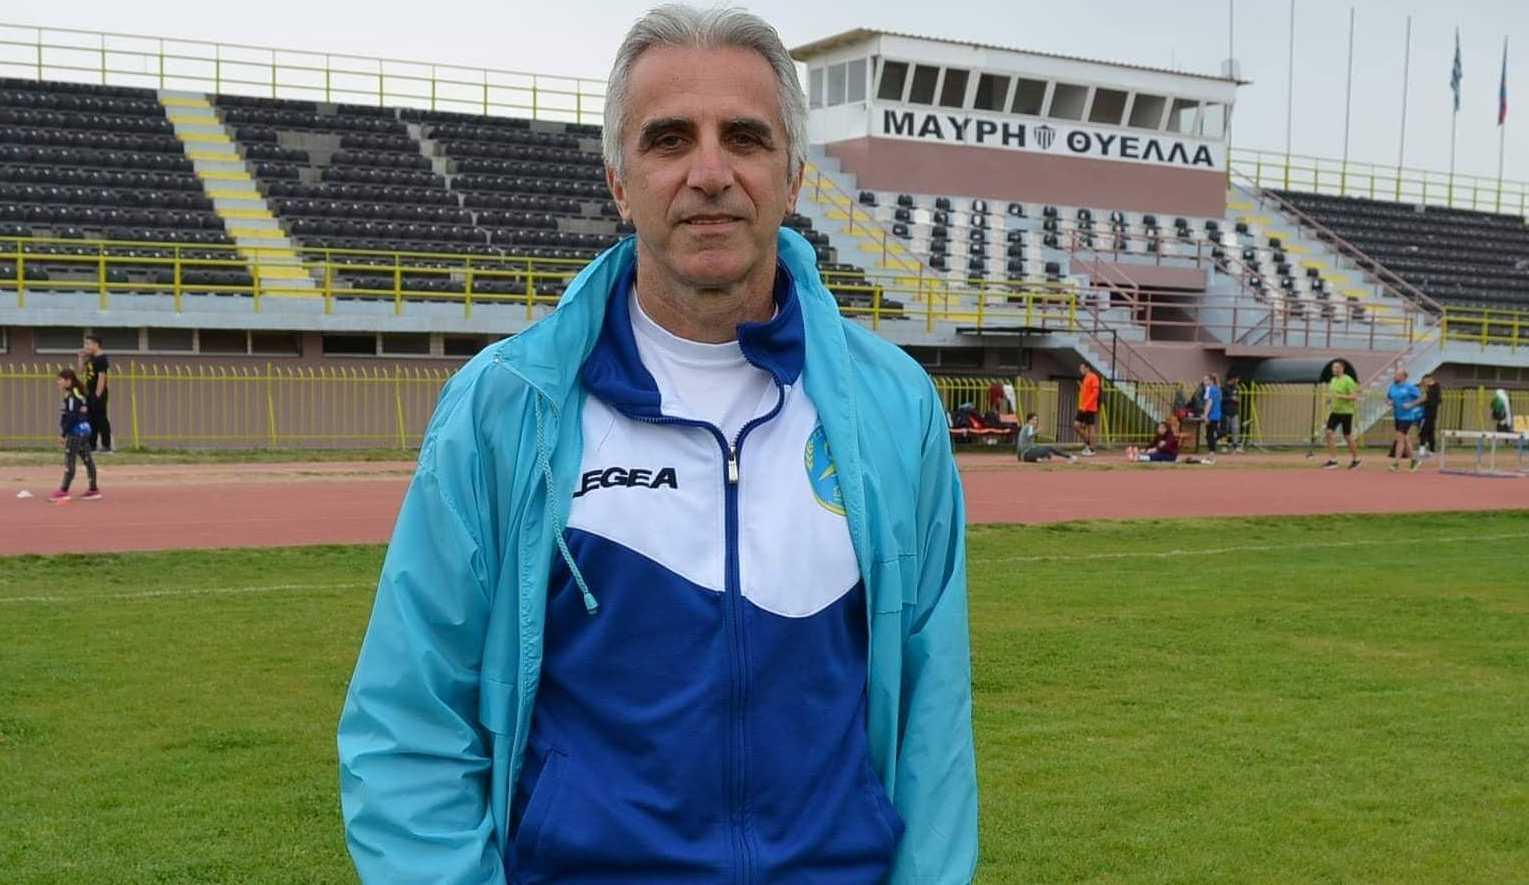 Πέτρος Παπαδόπουλος: Ένας ικανός άνθρωπος του αθλητισμού της Καλαμάτας ζητά την ψήφο! (photos)